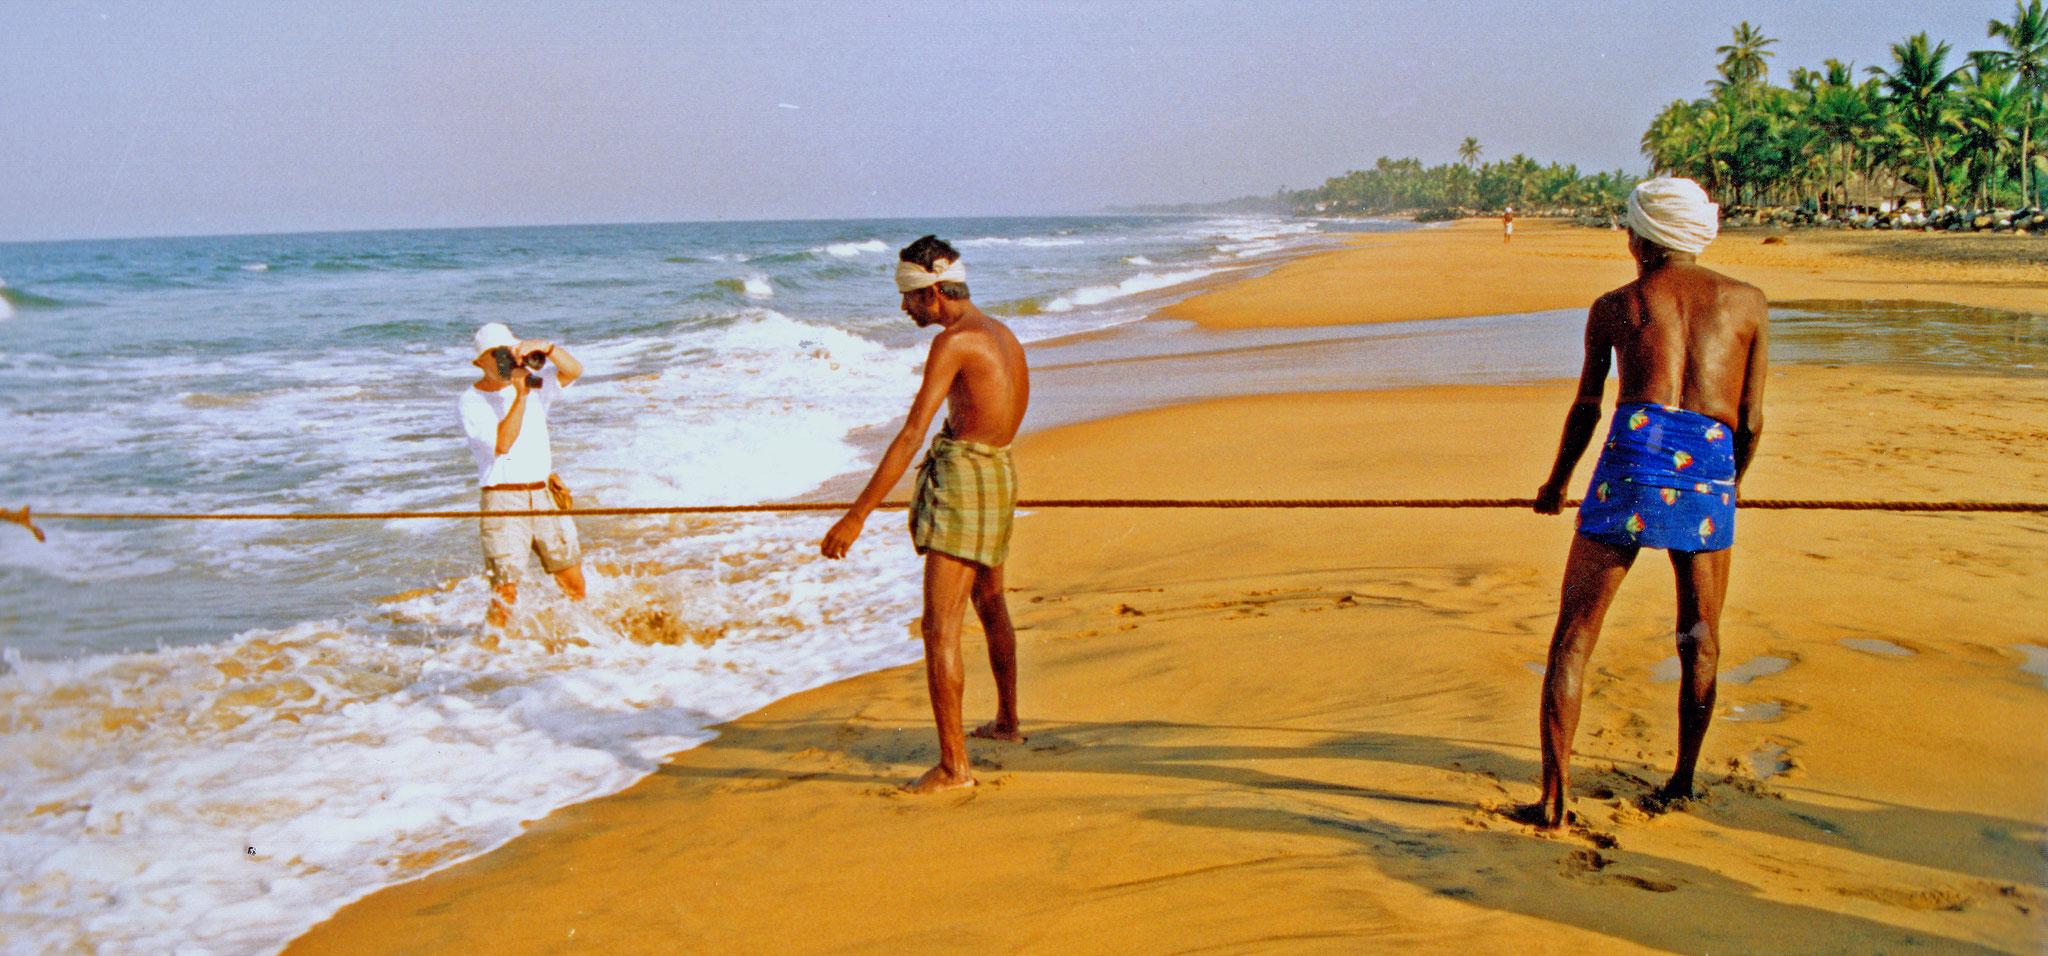 Am Strand von Goa, hautnah bei den Fischern. Südindien